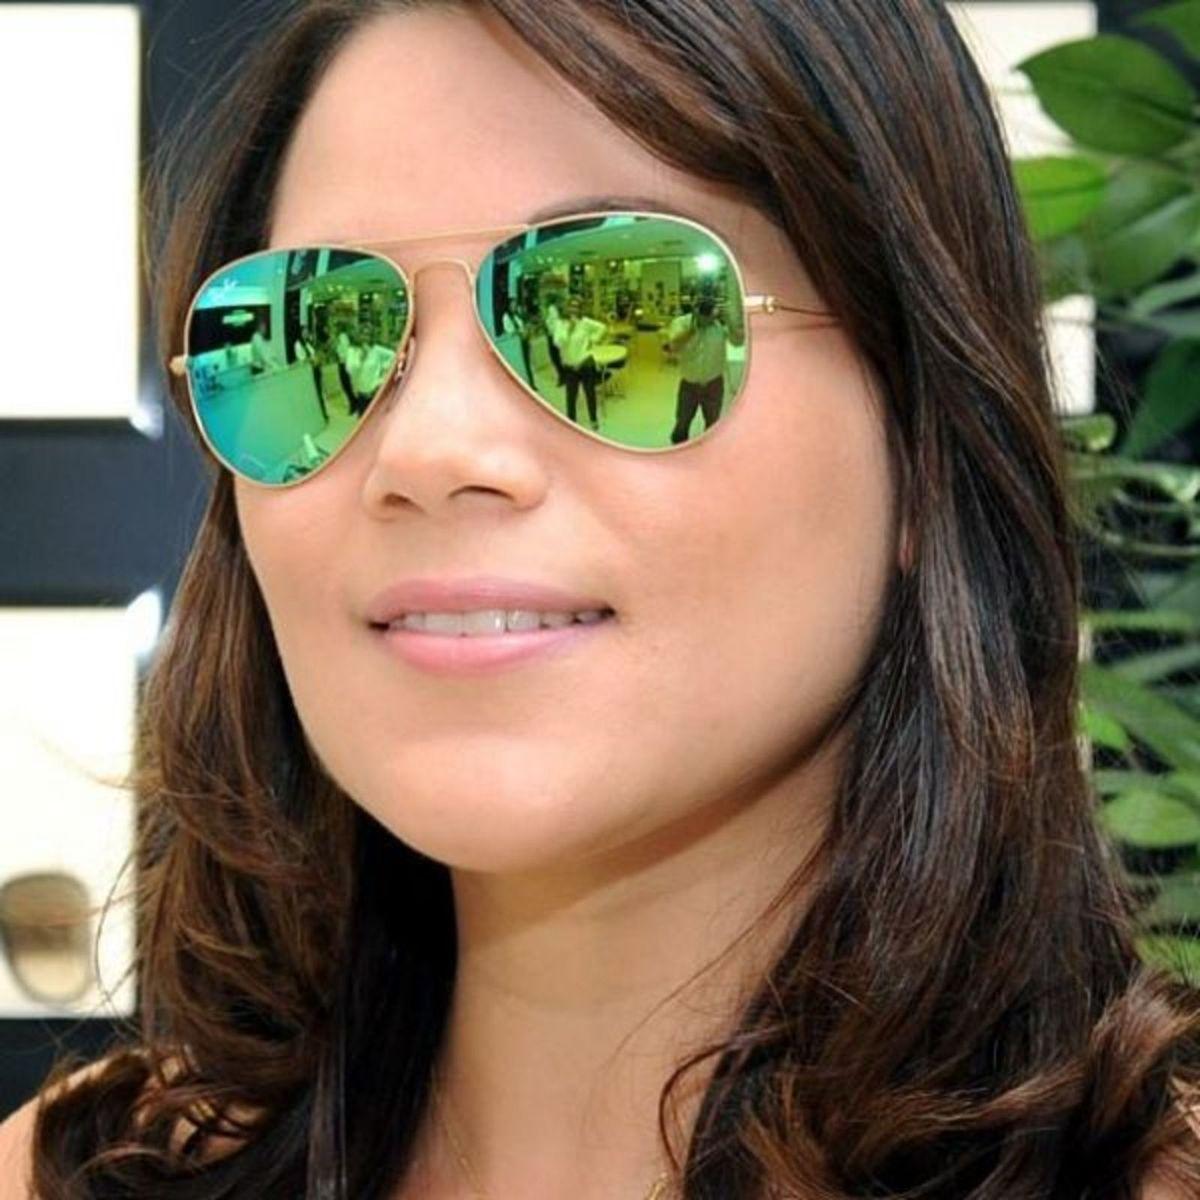 bd1d6925f Ray-ban Aviador Original Dourado Verde Espelhado Grande | Óculos Masculino Ray  Ban Nunca Usado 20928893 | enjoei